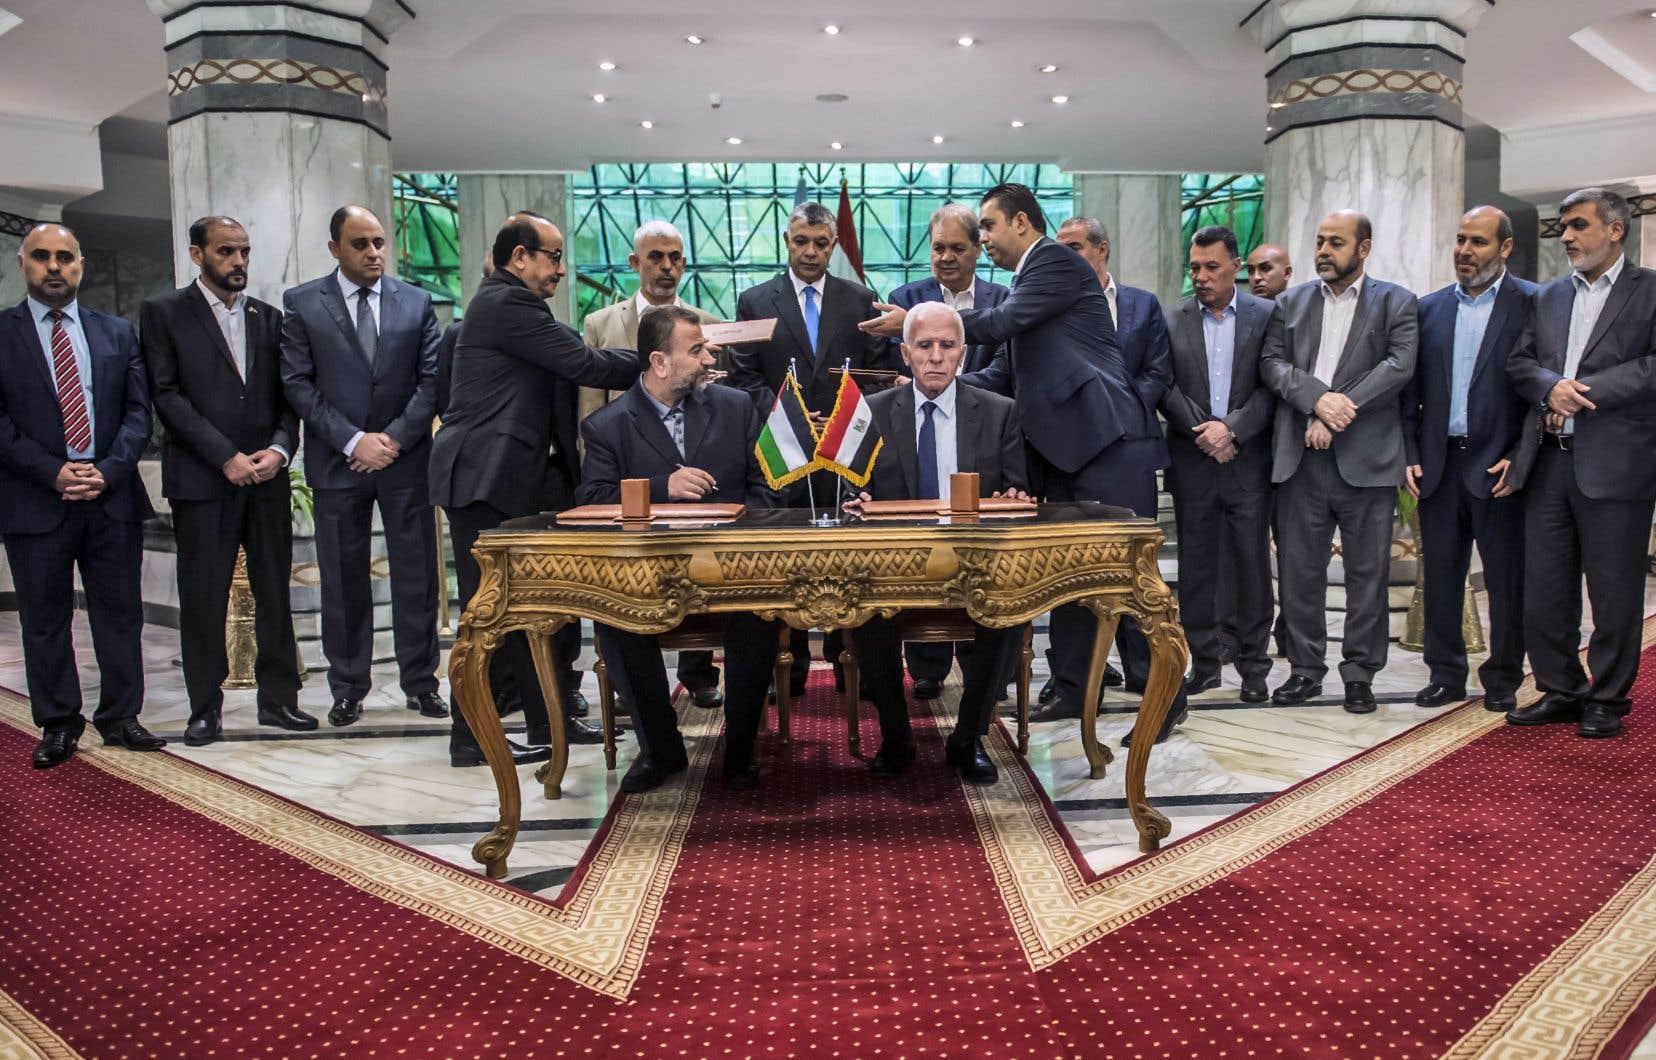 Le Hamas et le Fatah ont annoncé leur accord après deux jours de négociations tenues dans le plus grand secret auCaire.